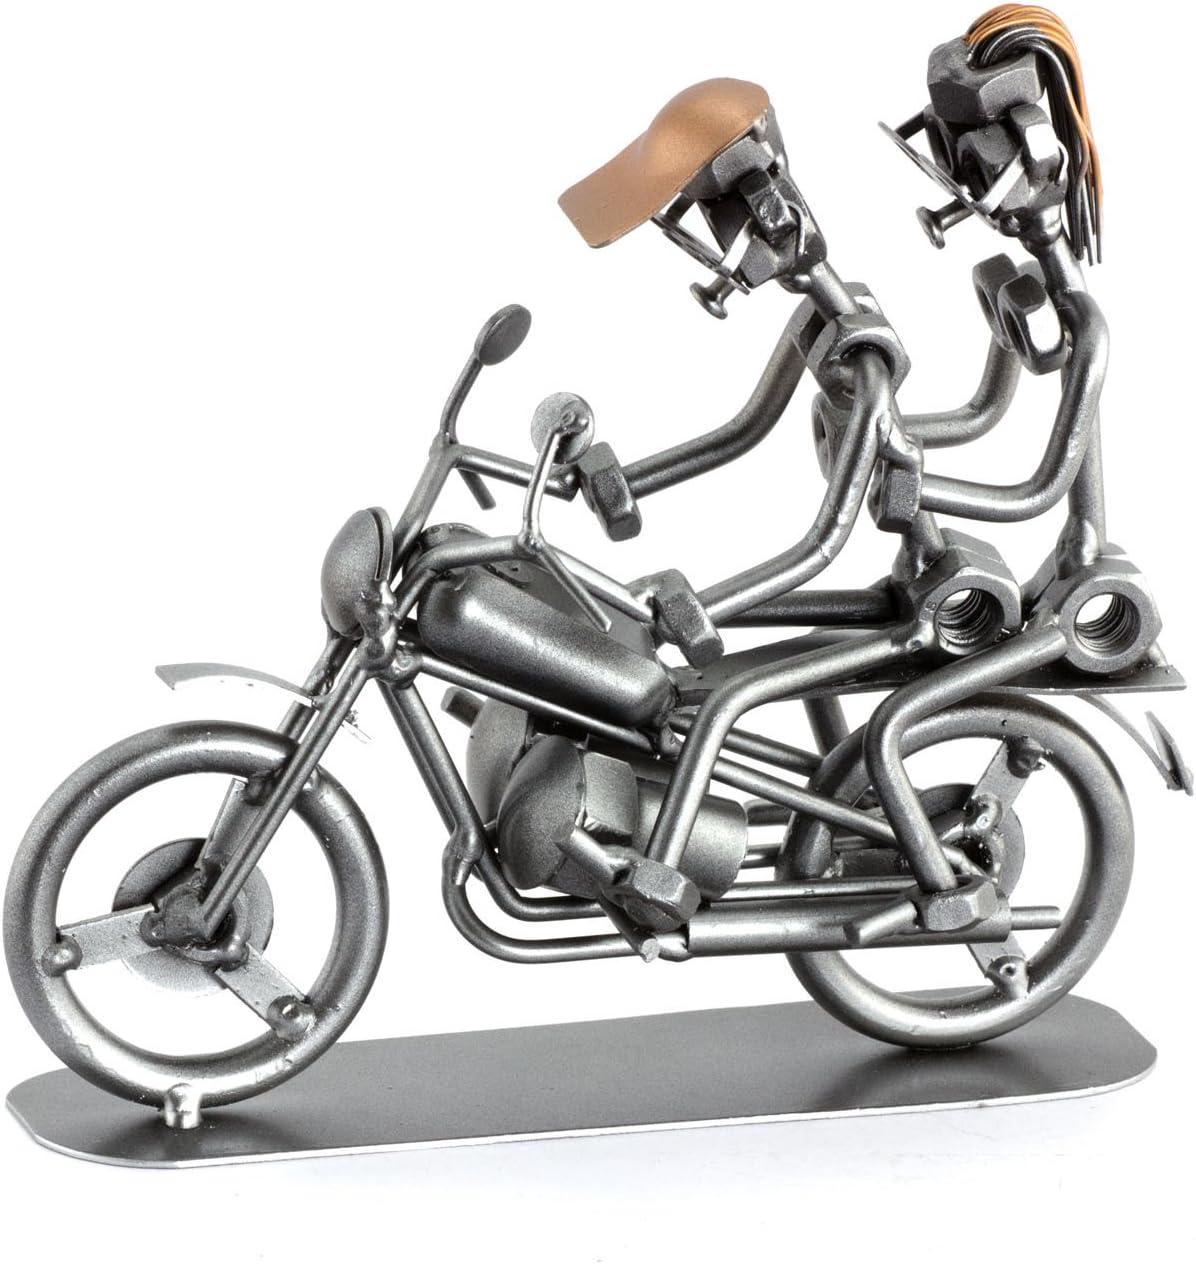 Steelman24 I Figurine en m/étal Duo /À Moto I Made in Germany I Id/ées Cadeaux I Sculpture d/'Acier I Hommes de m/étal